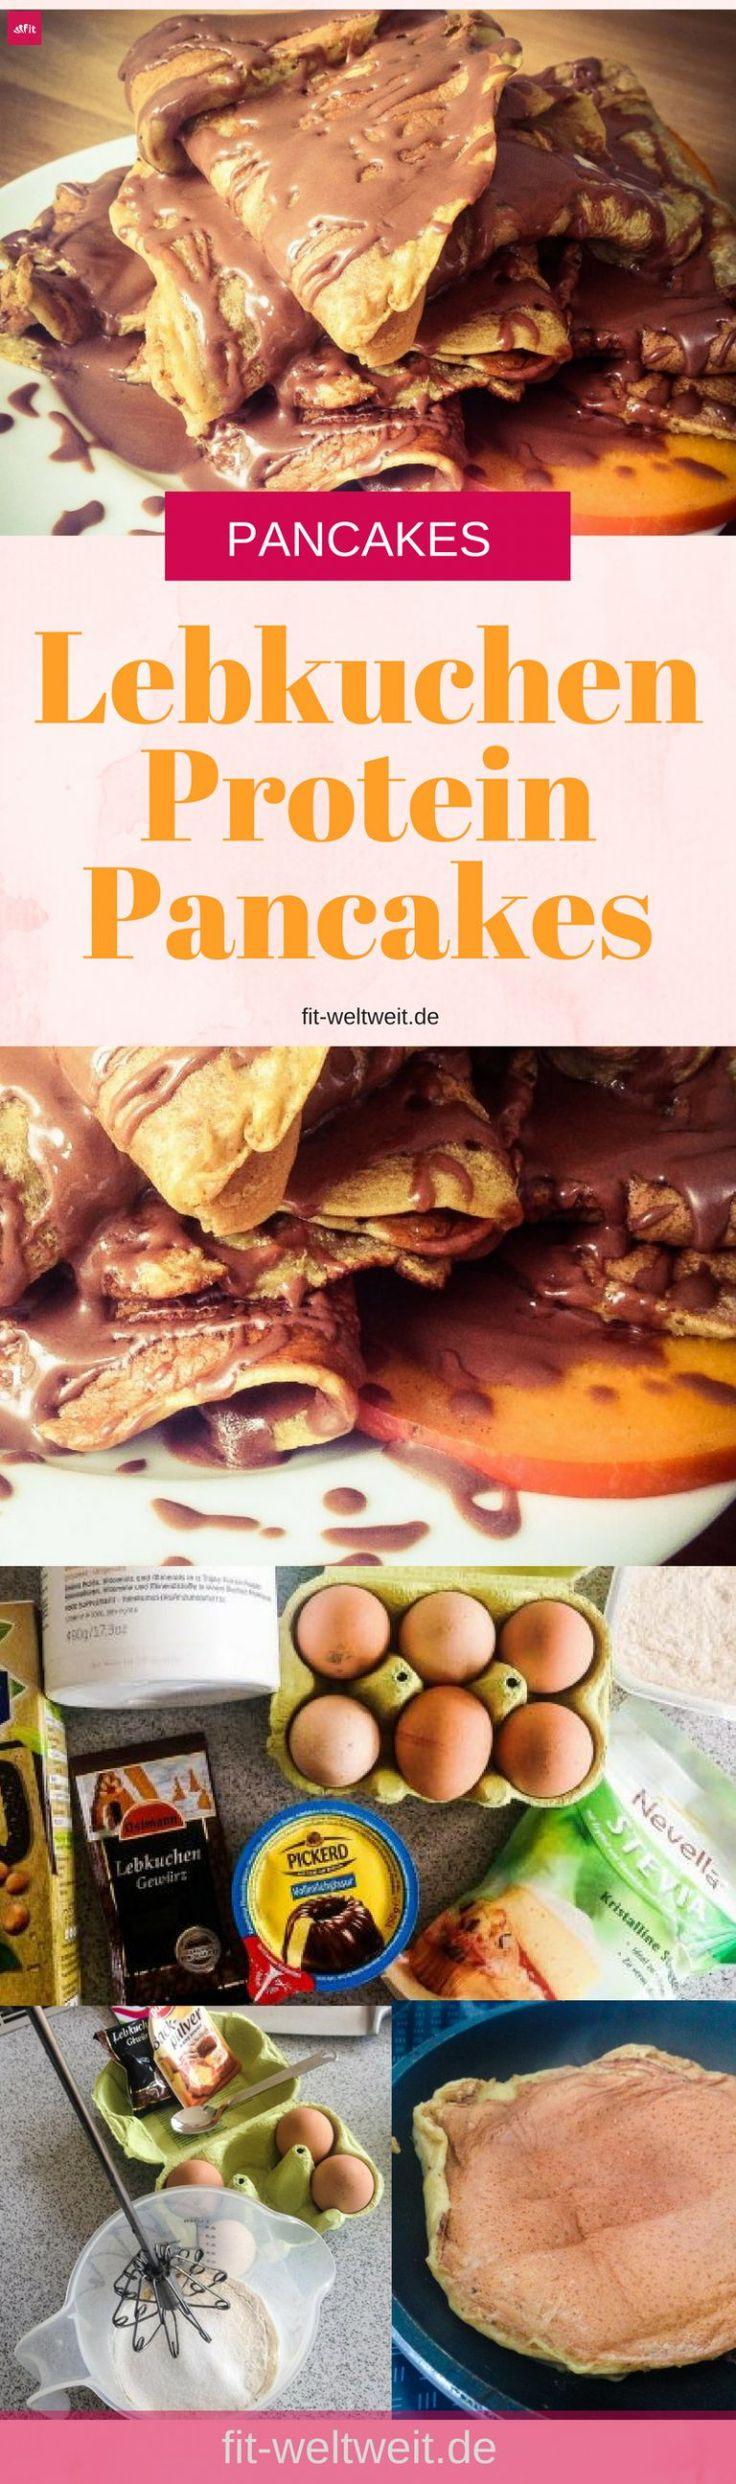 Lebkuchen Protein Pancakes Rezept - Leckeres Rezept für Lebkuchen Protein Pancakes mit Schokoglasur. Das Frühstück ist perfekt für die Weihnachtszeit. Geht super schnell, macht lange satt. Auch als leckere Weihnachtsrezept zum Frühstück toll. Einfaches Lebkuchen Rezepte ohne backen. Deutsches Protein Pancakes Rezept.